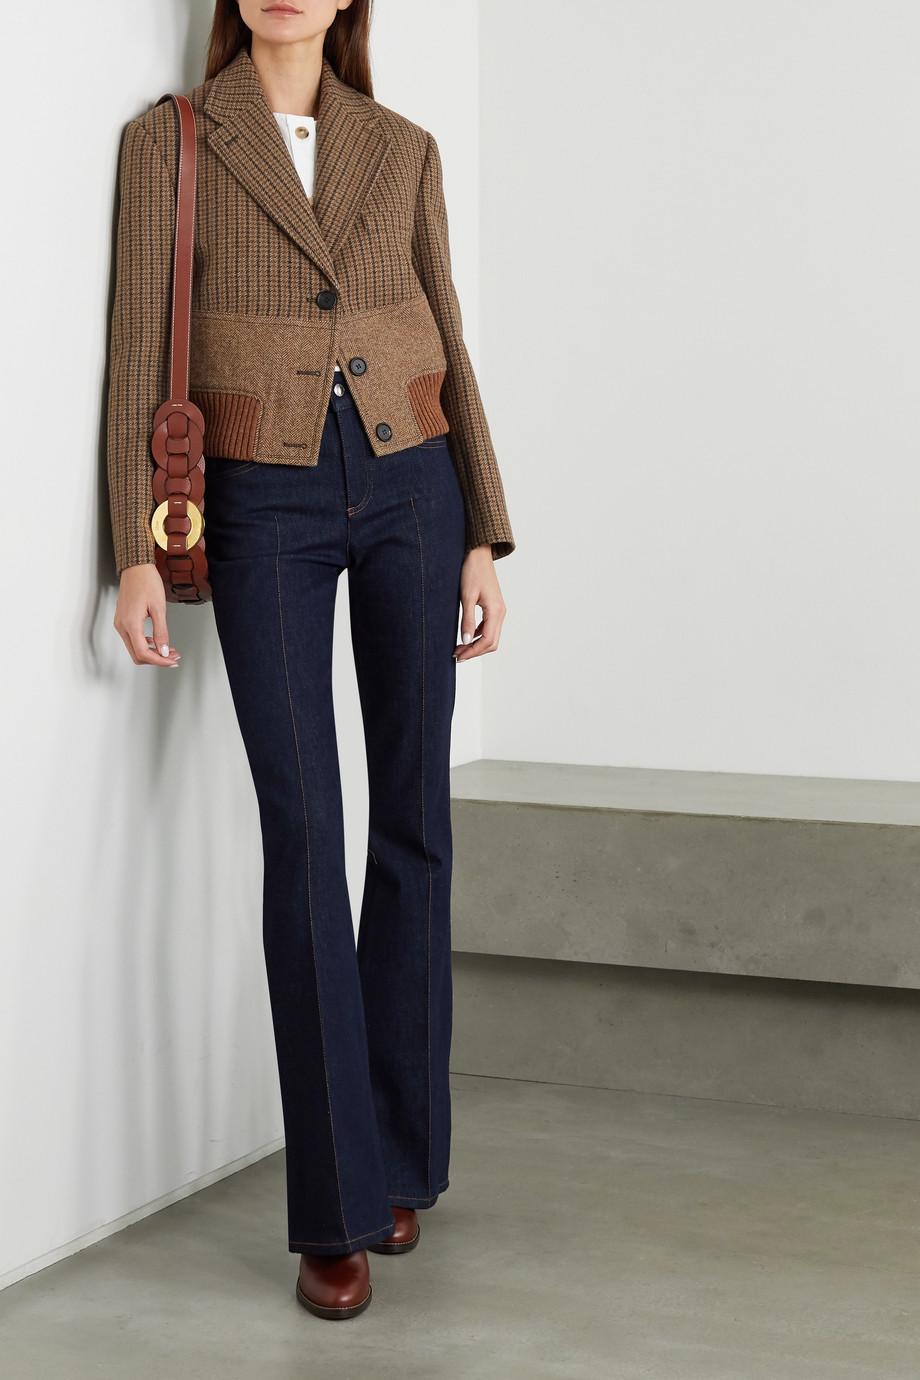 Chloé Cropped paneled wool-tweed jacket